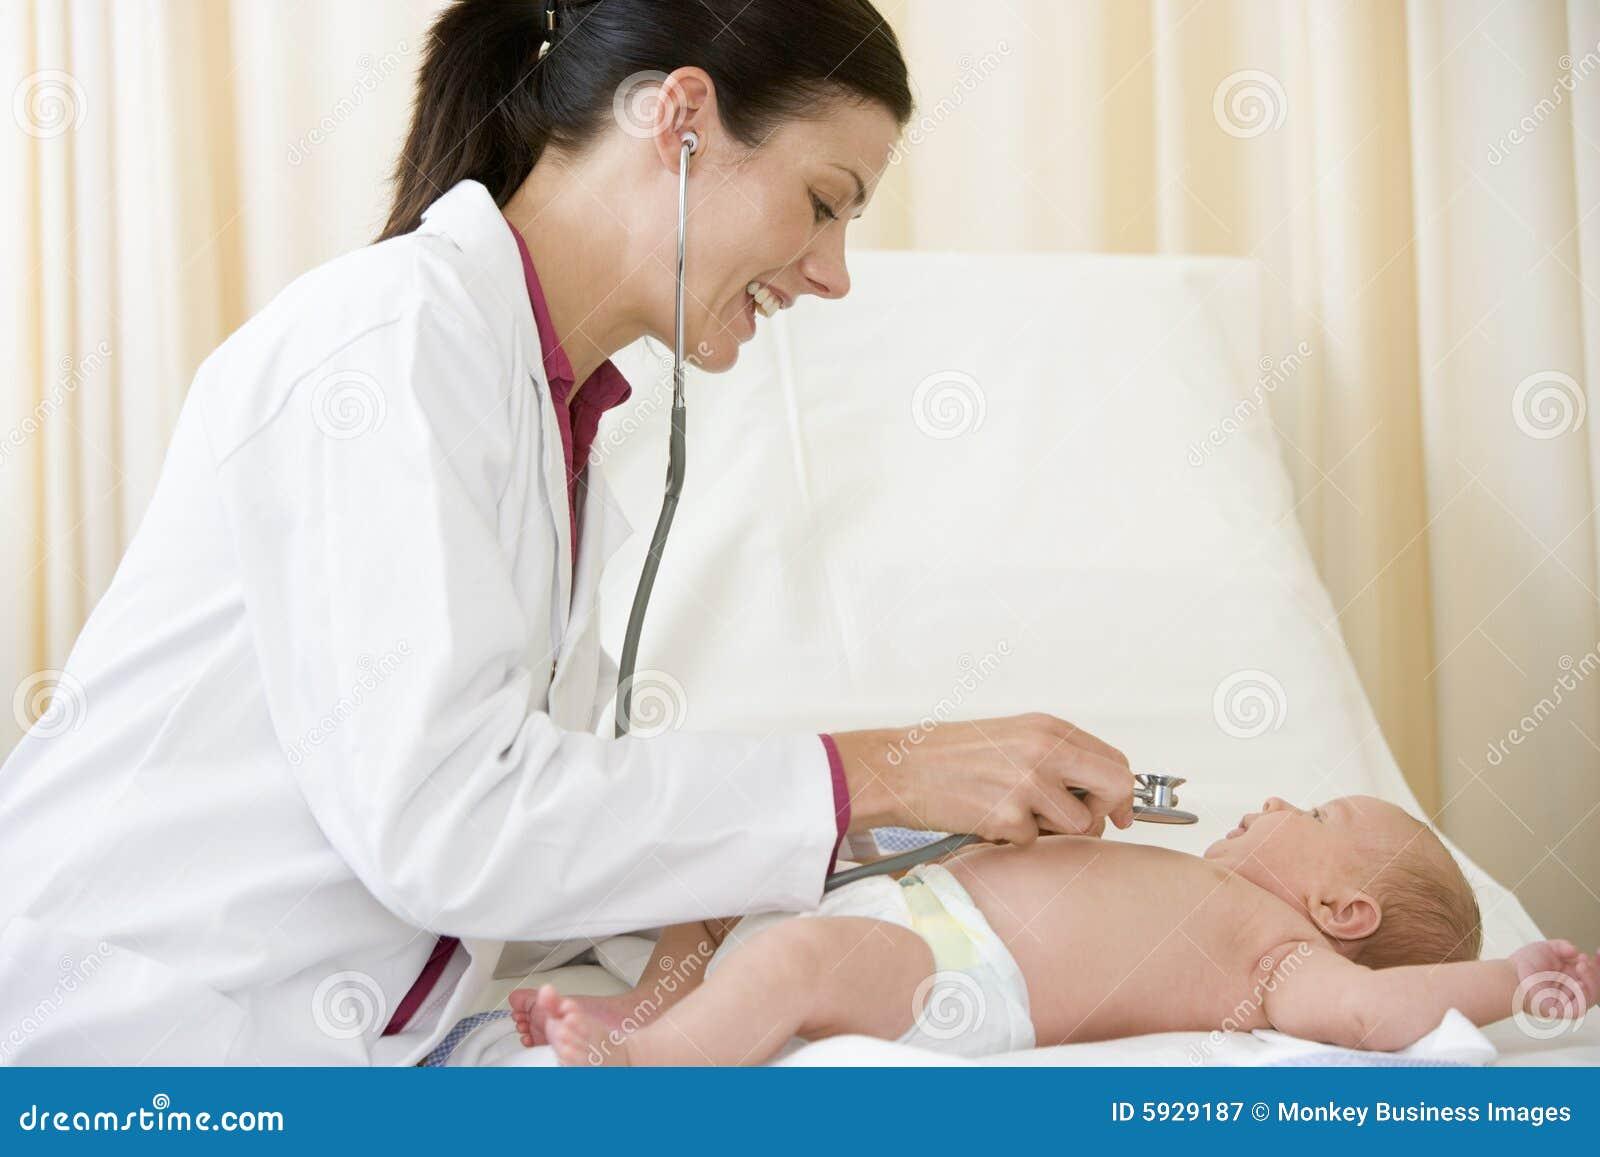 Смотреть девочка на медосмотре у врача 15 фотография